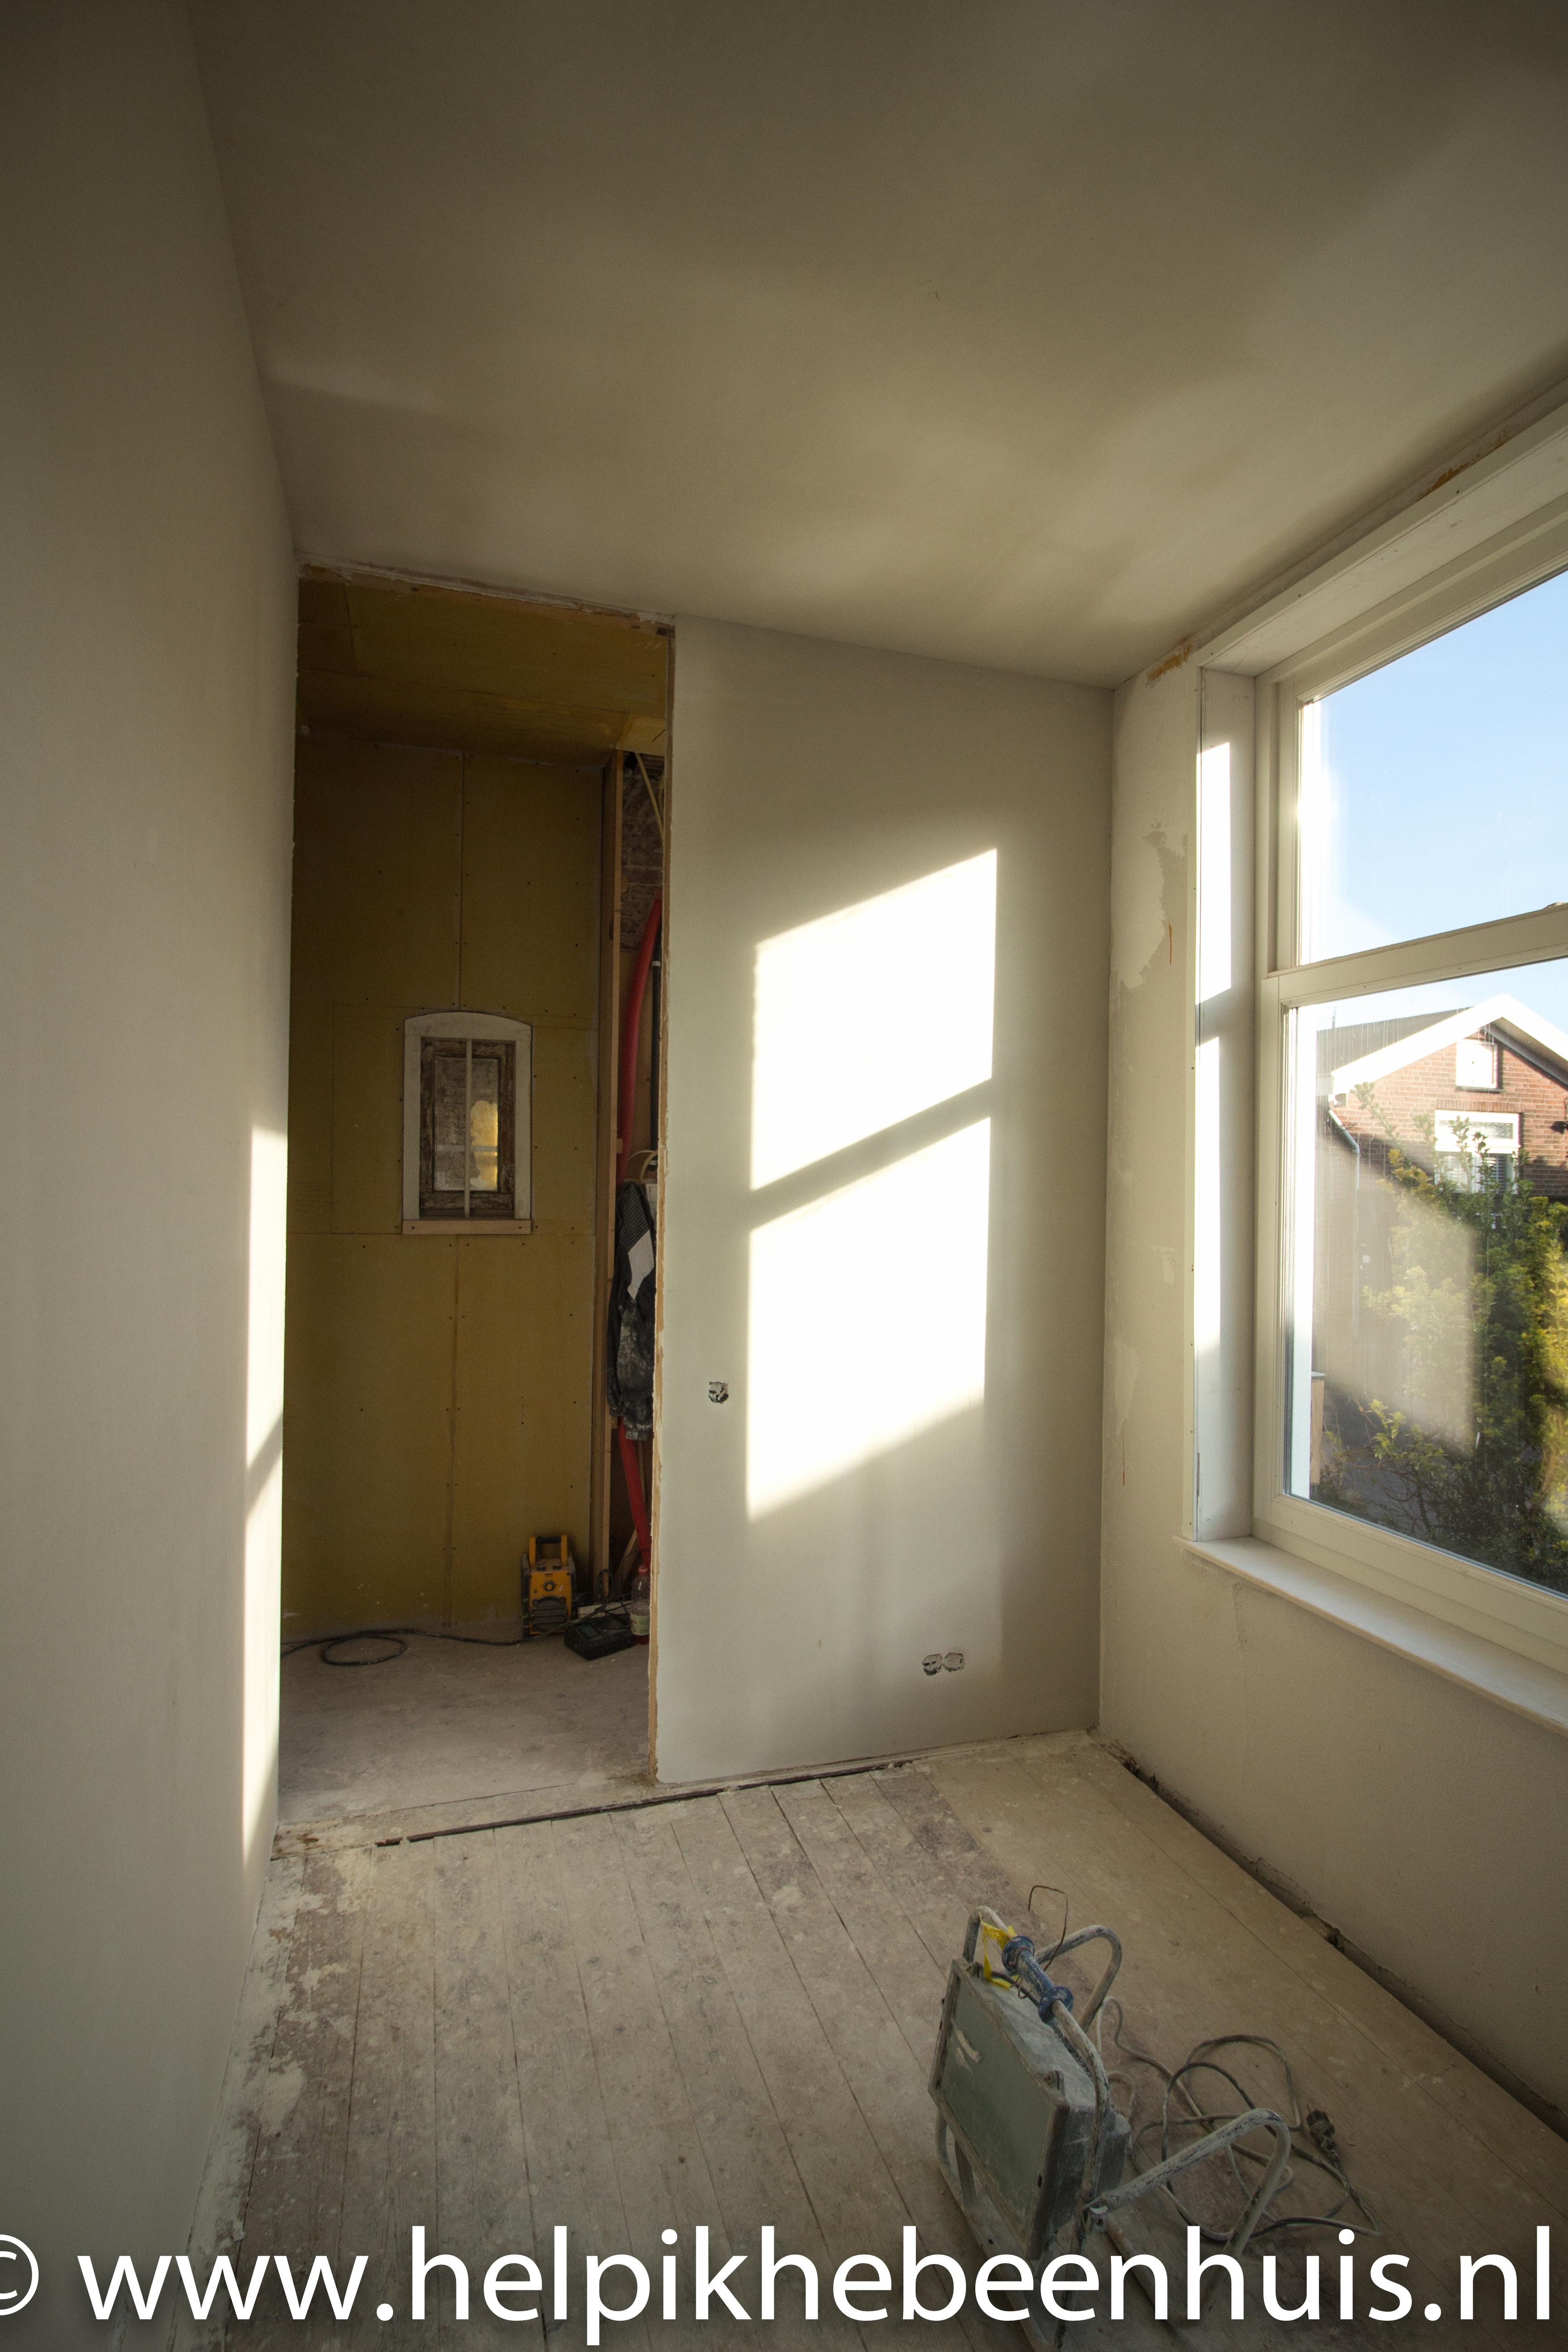 De Tijdelijke Keuken Met Een Vers Gestucte En Gevoegde Badkamer Warm Water  Aangesloten De Avond Voor We Verhuisden En De Werkkamer To Be.